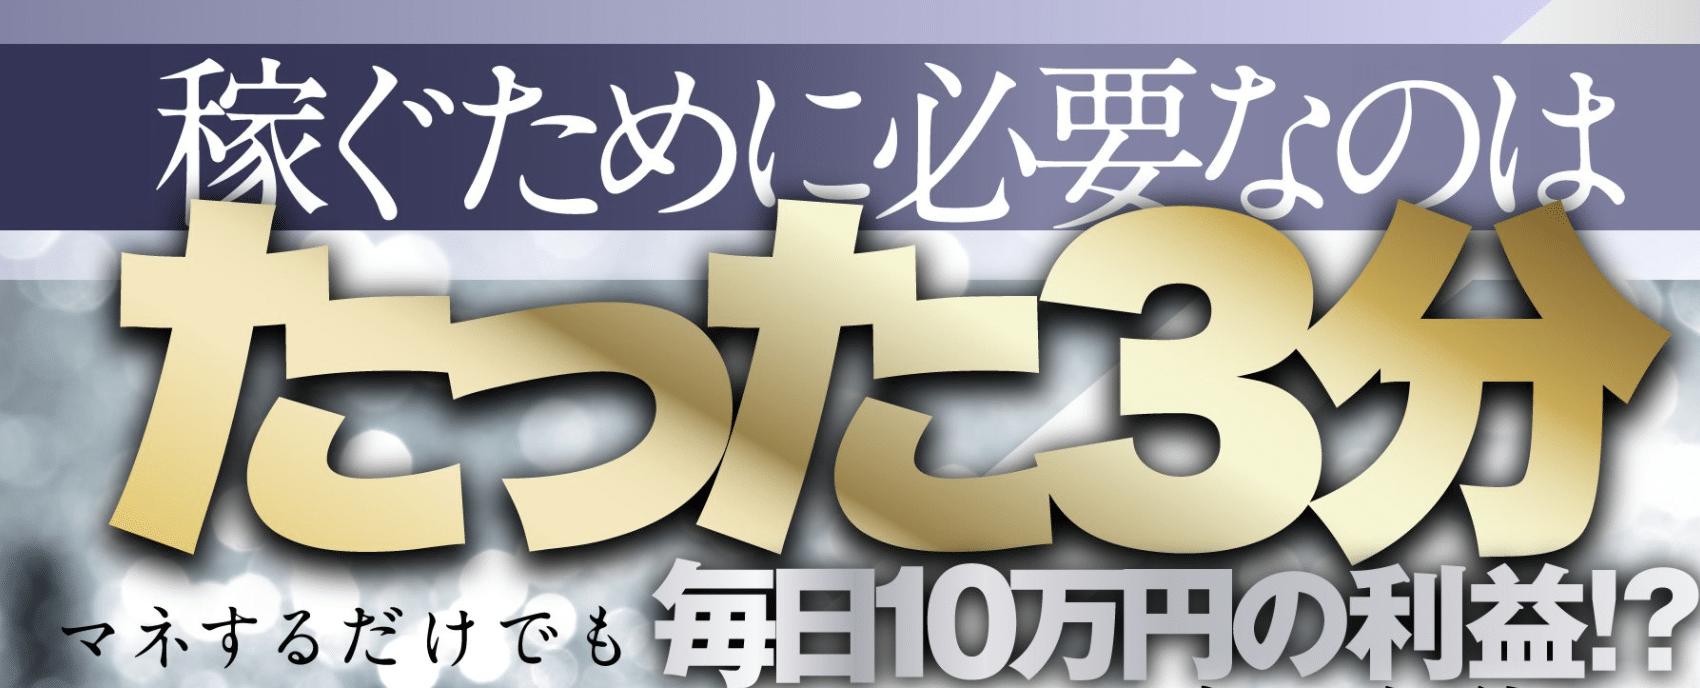 1日3分で10万円!?